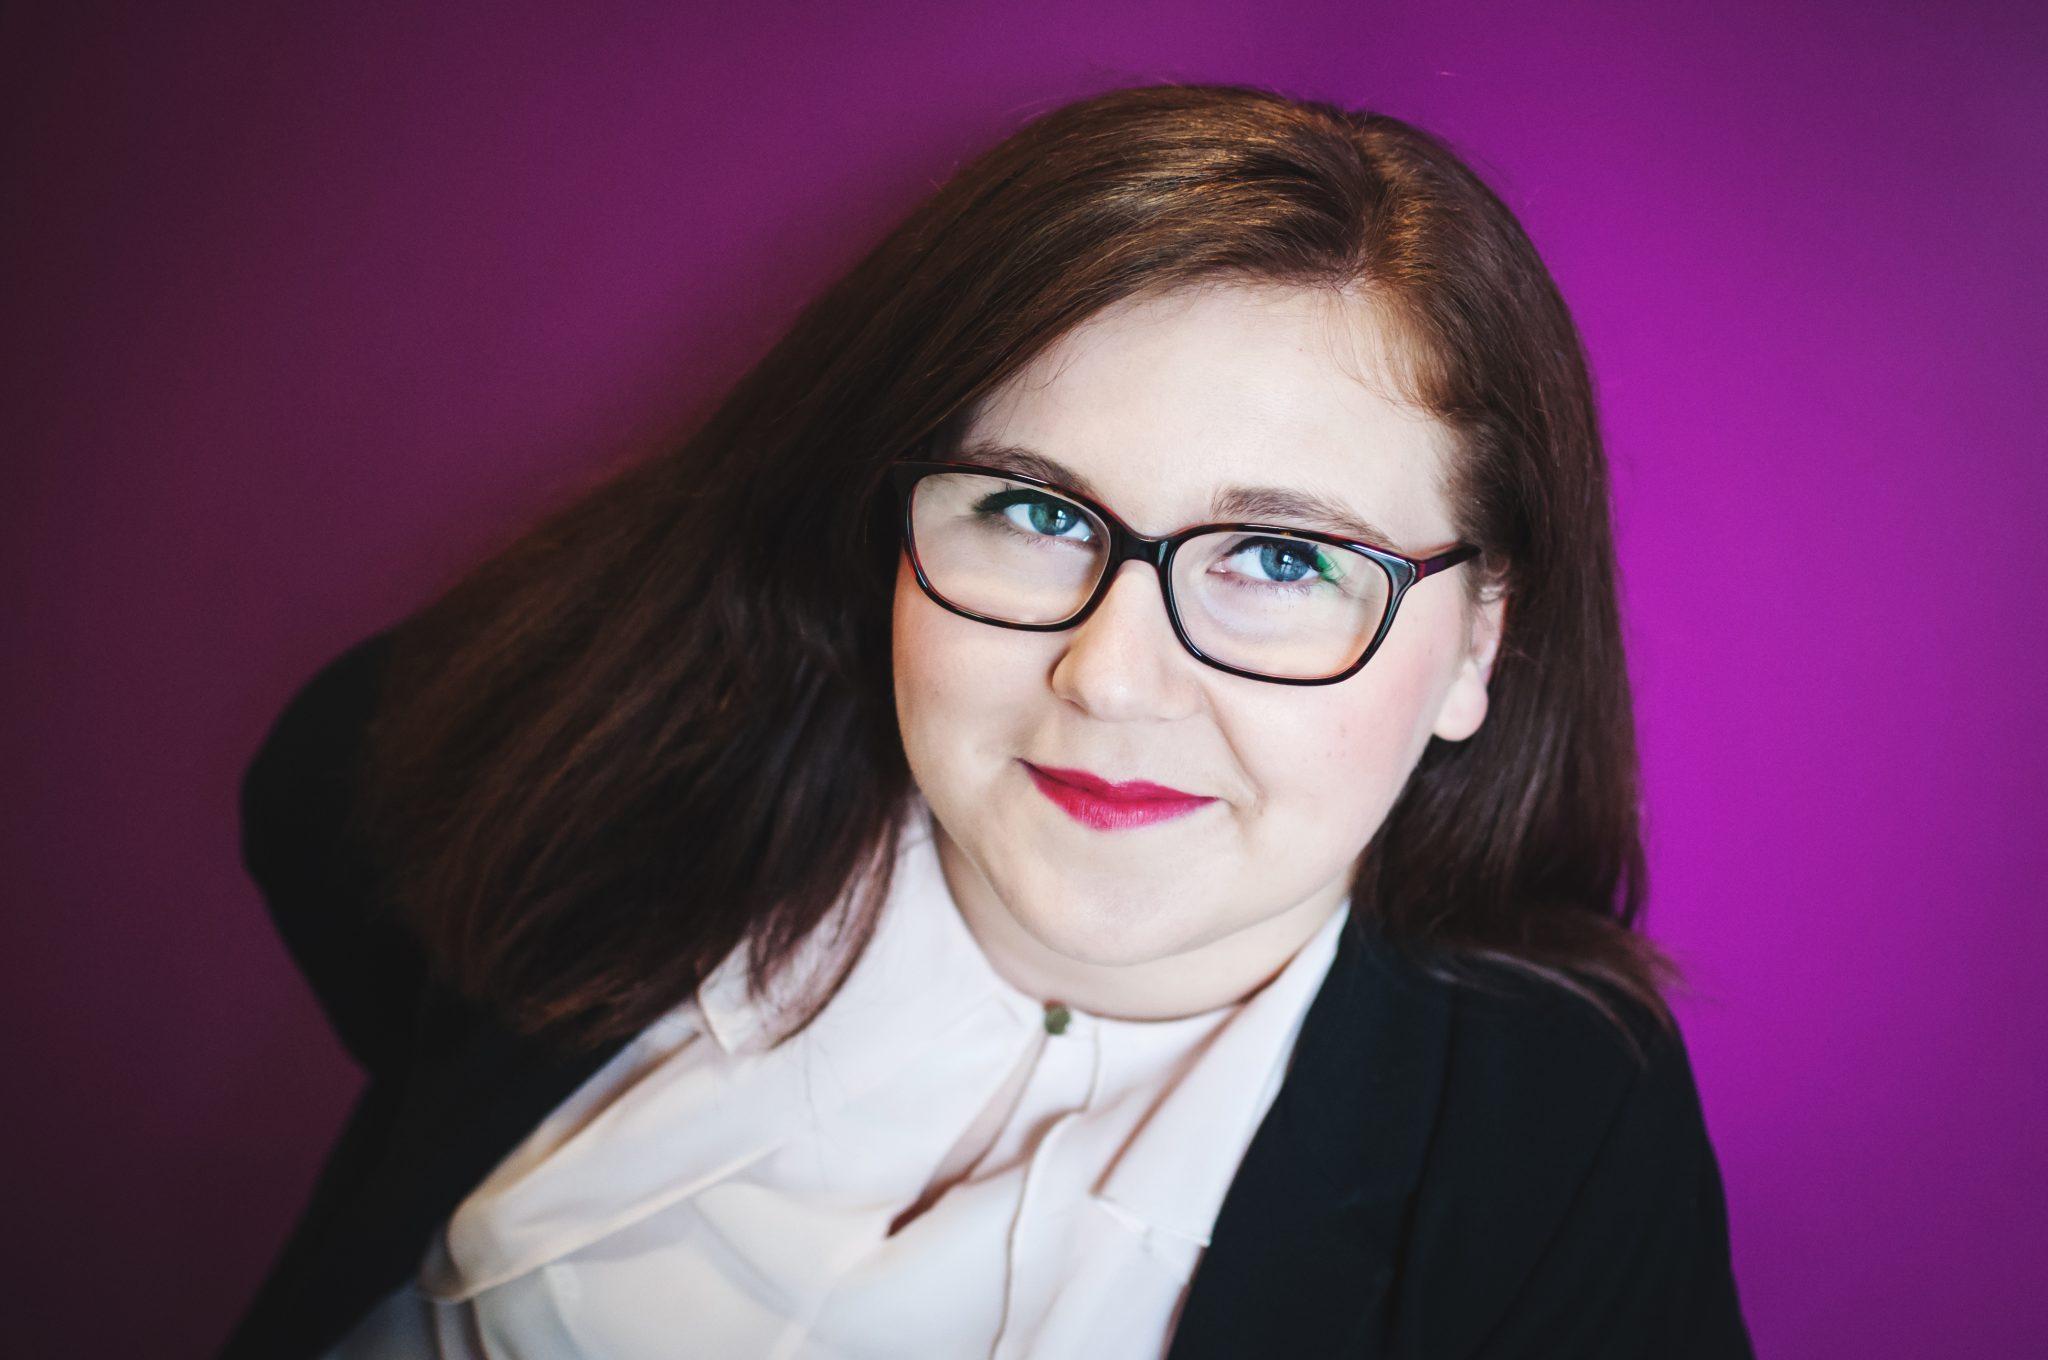 Marlena Baradziej